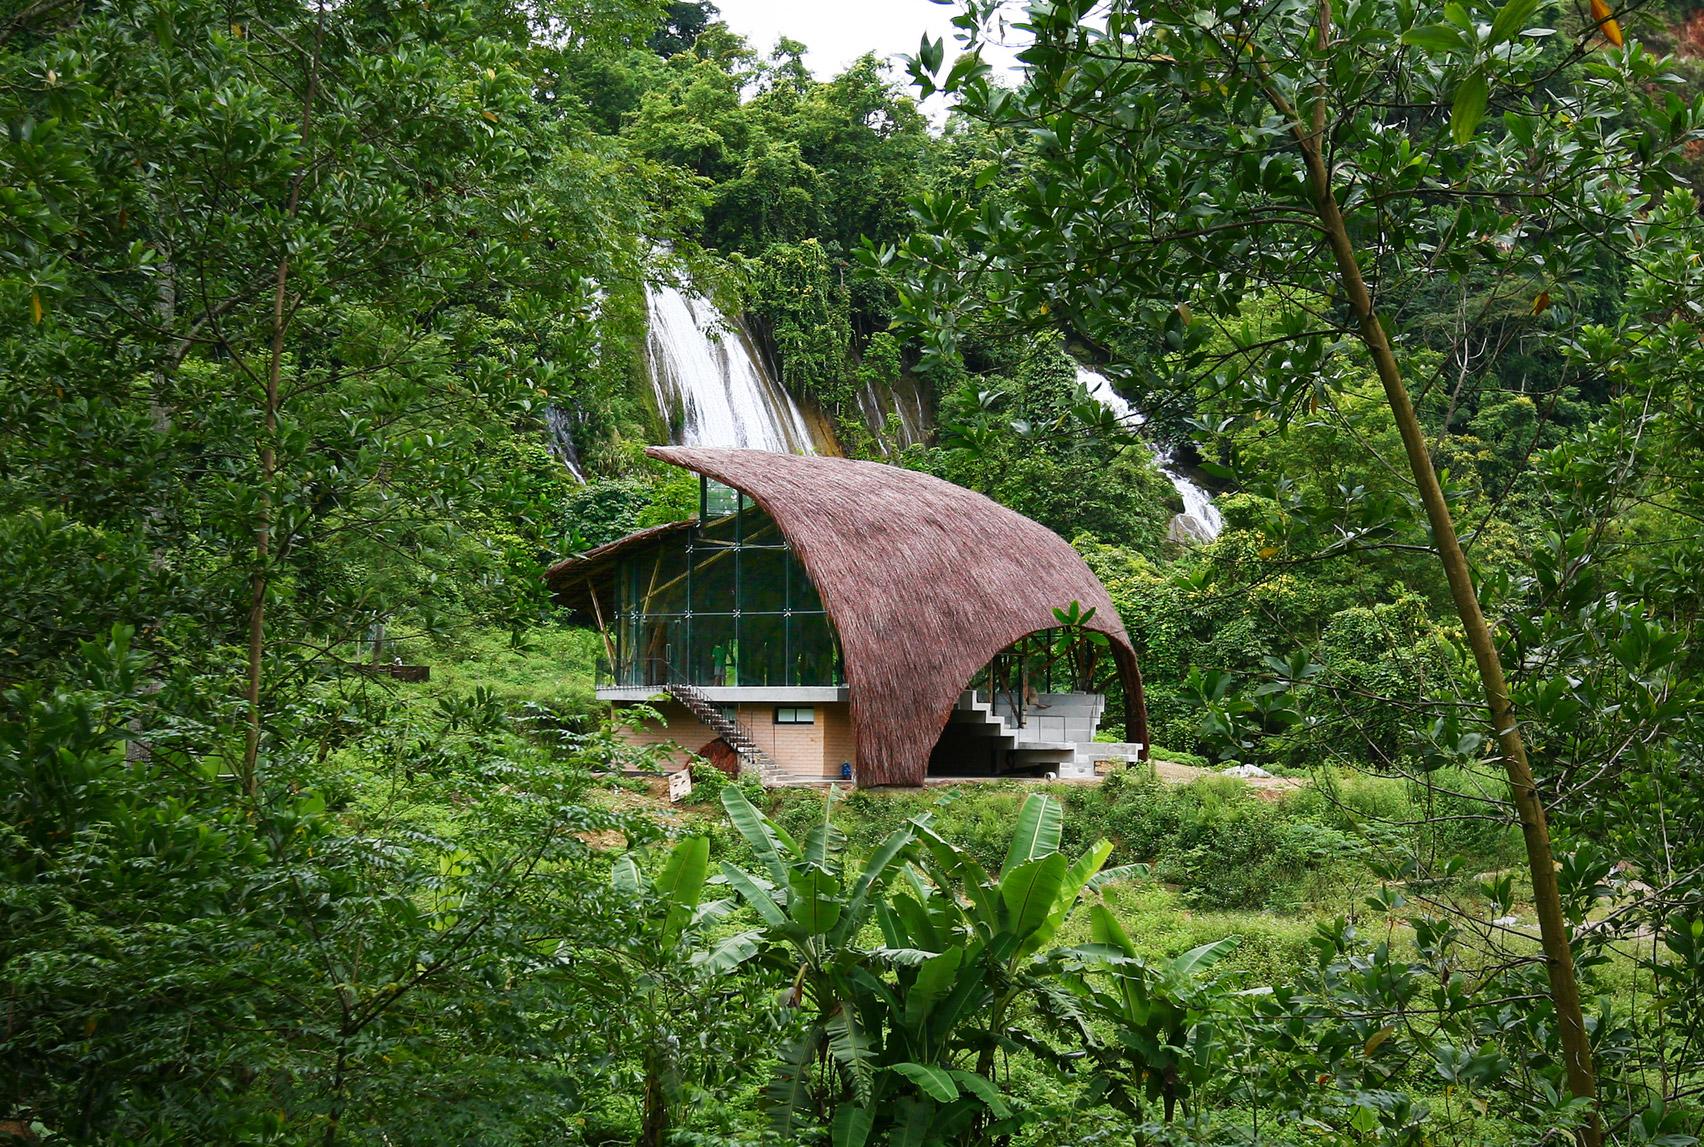 chieng-yen-community-house-112-vietman-architecture-bamboo-concrete-ampitheatre_do_minh_duc.jpg